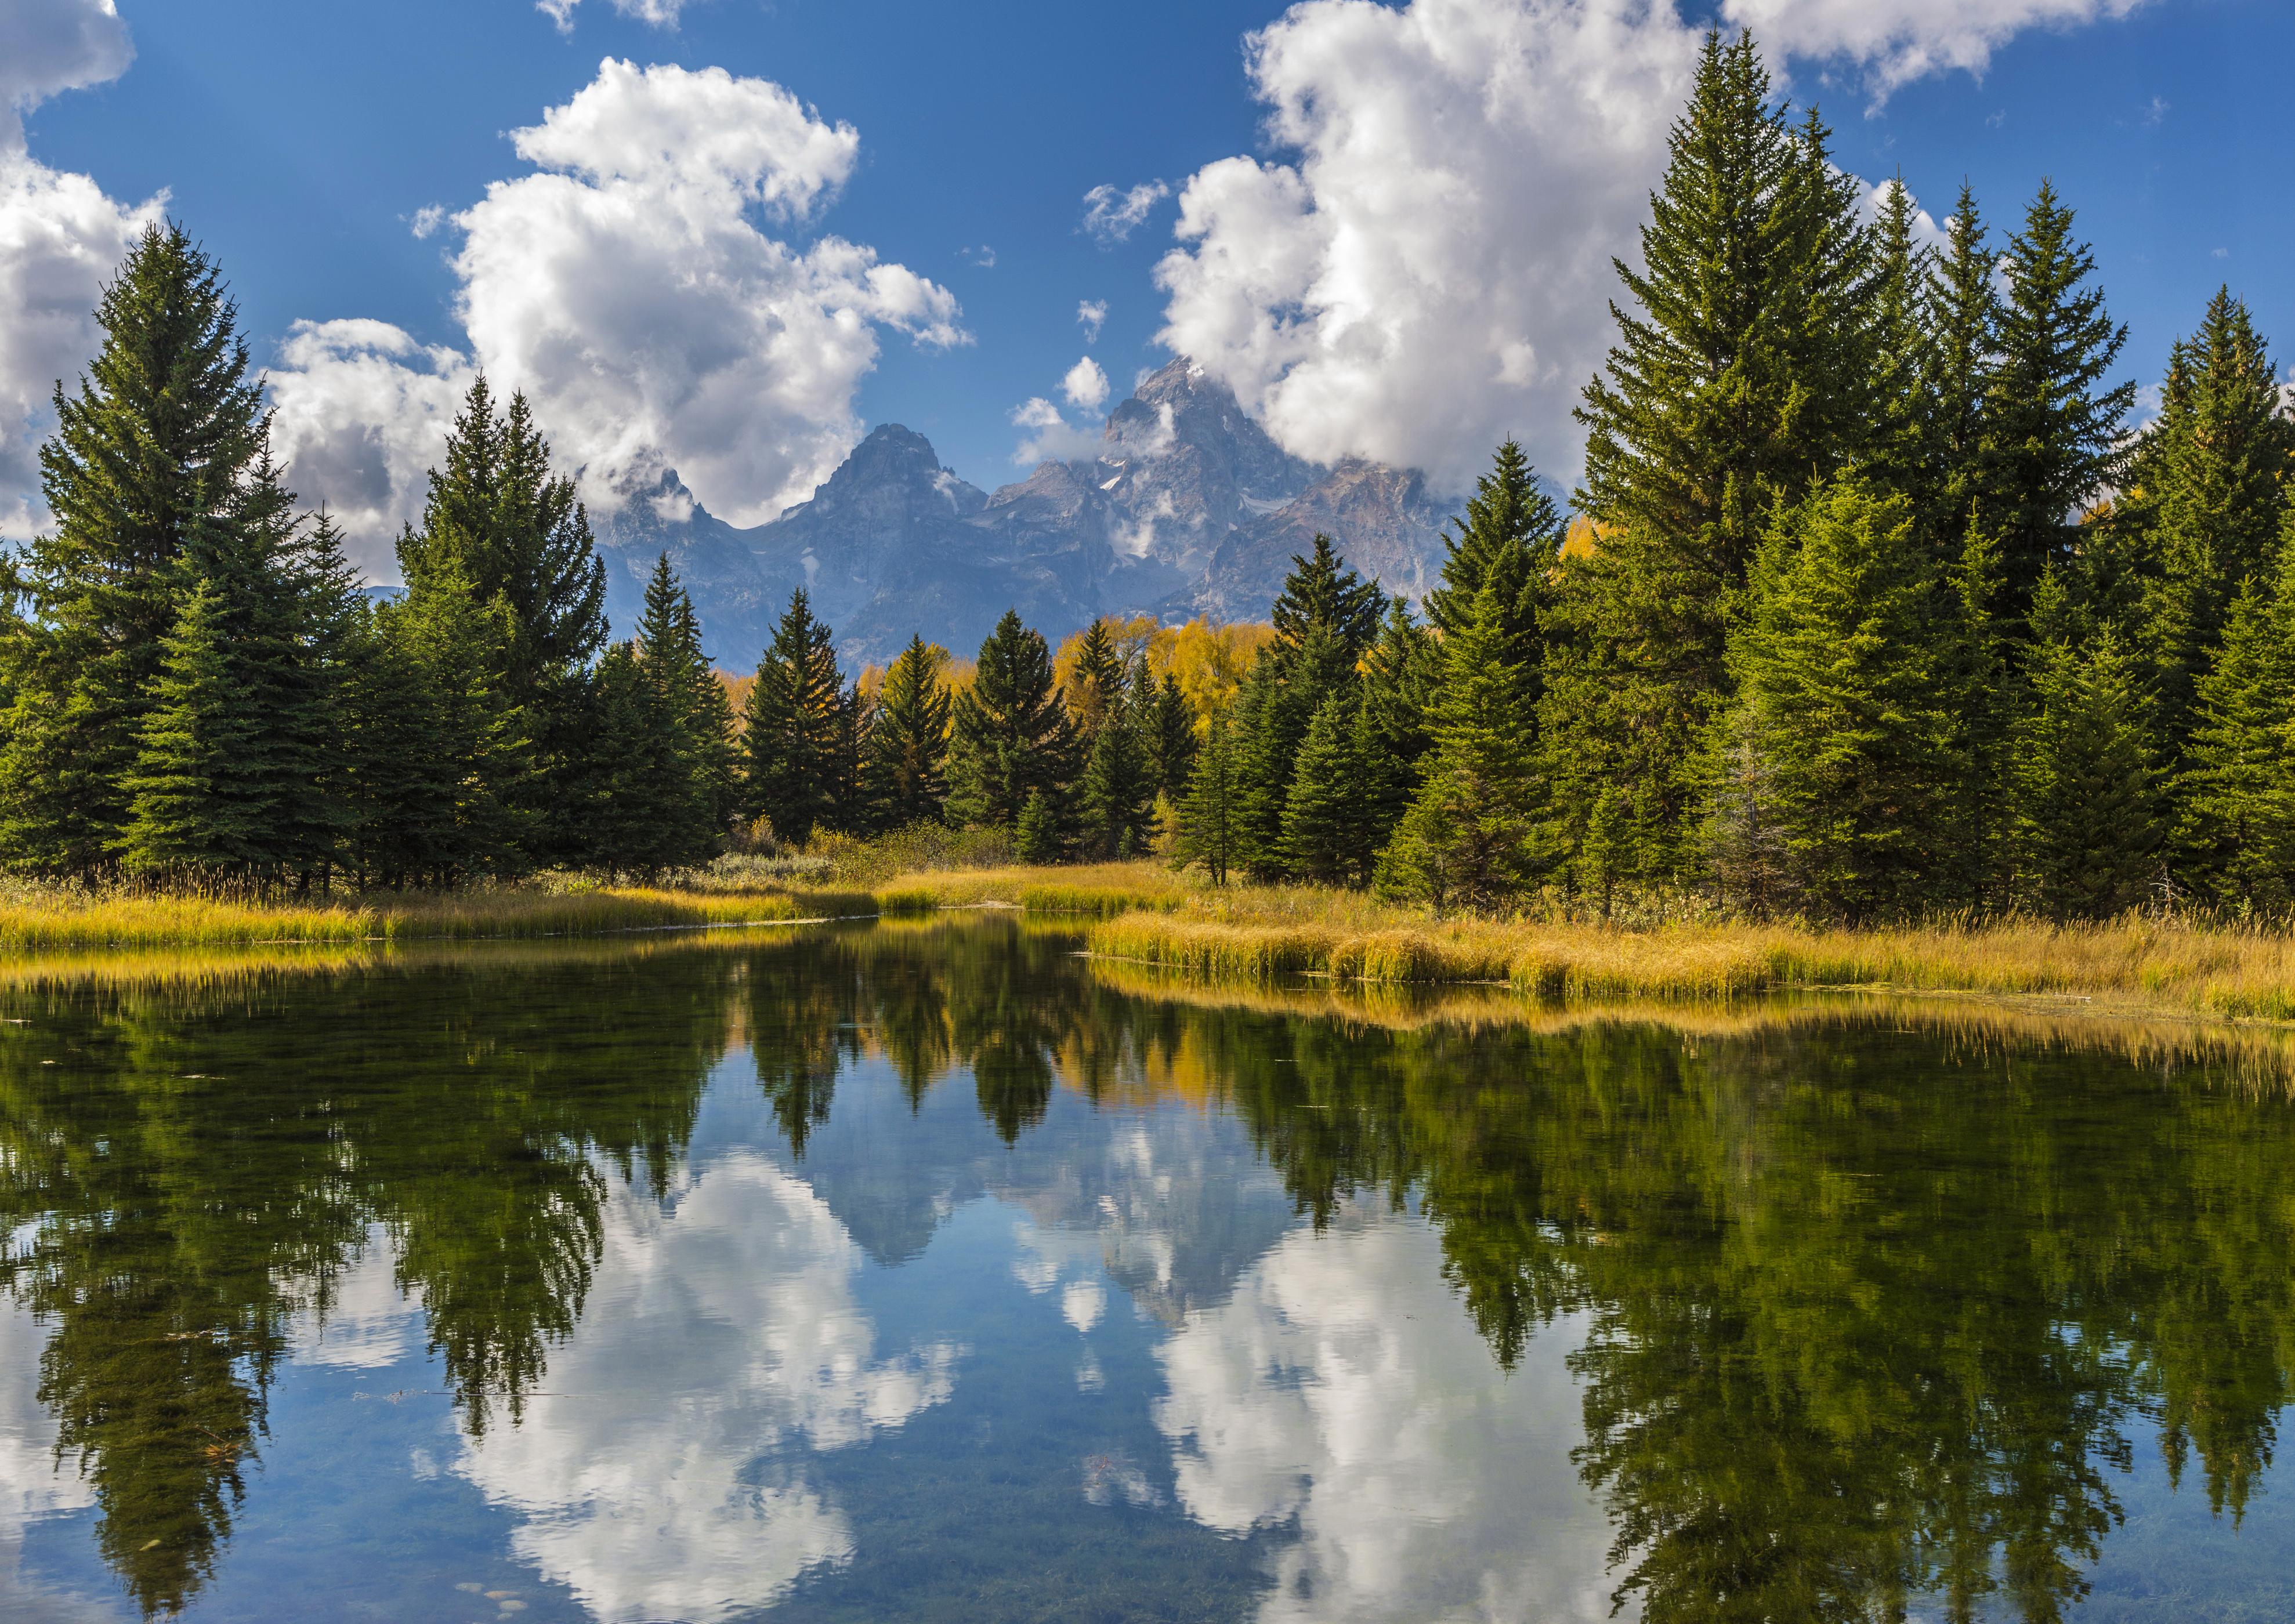 природа облака солнце река  № 2602926 загрузить